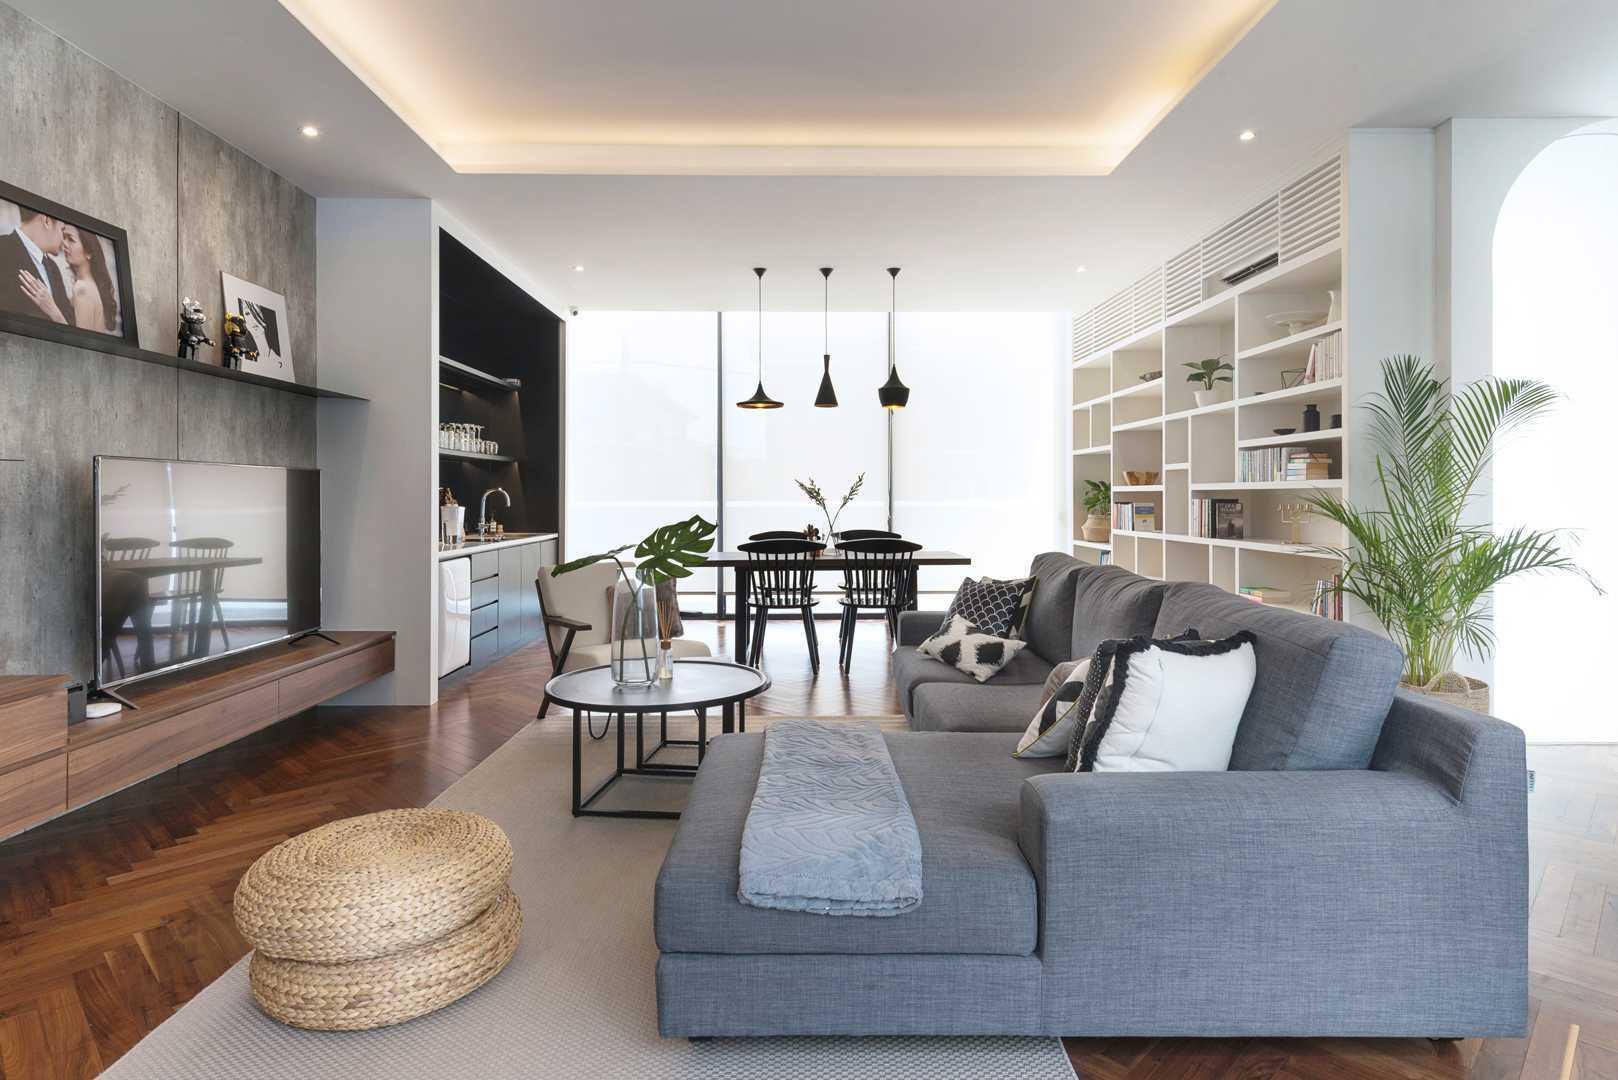 Haliman 02 Desain Interior Rumah Kekinian Kaum Urban yang